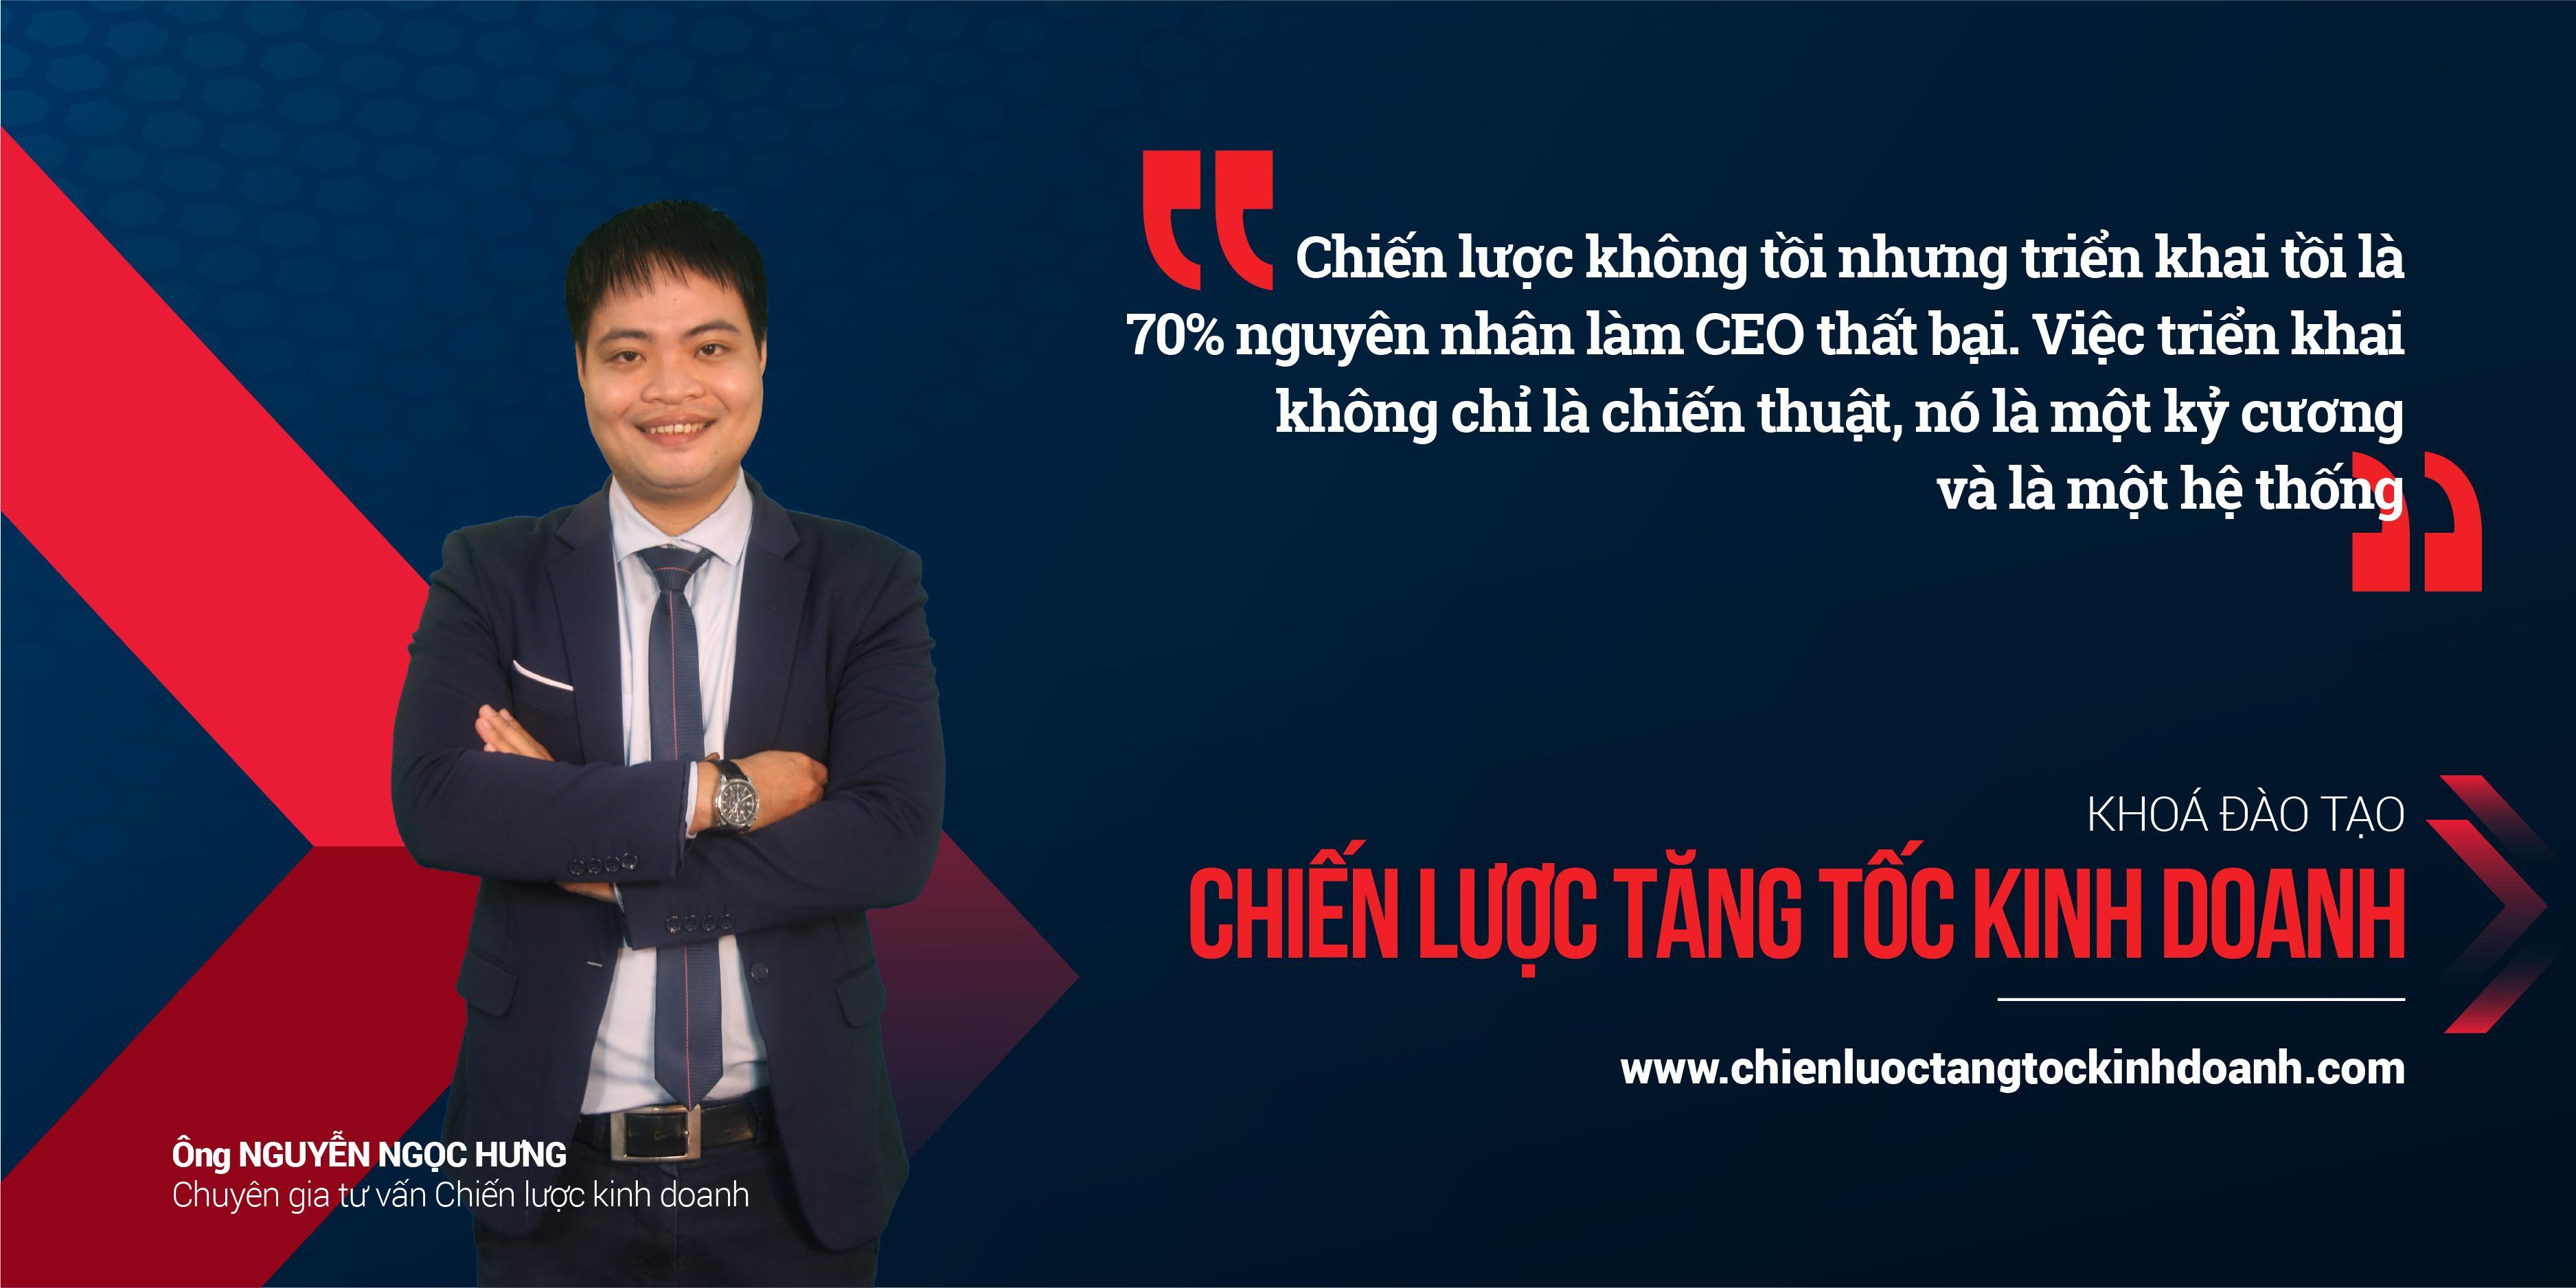 Chuyên gia Nguyễn Ngọc Hưng - Chiến lược Tăng tốc kinh doanh GHB - Thanhs